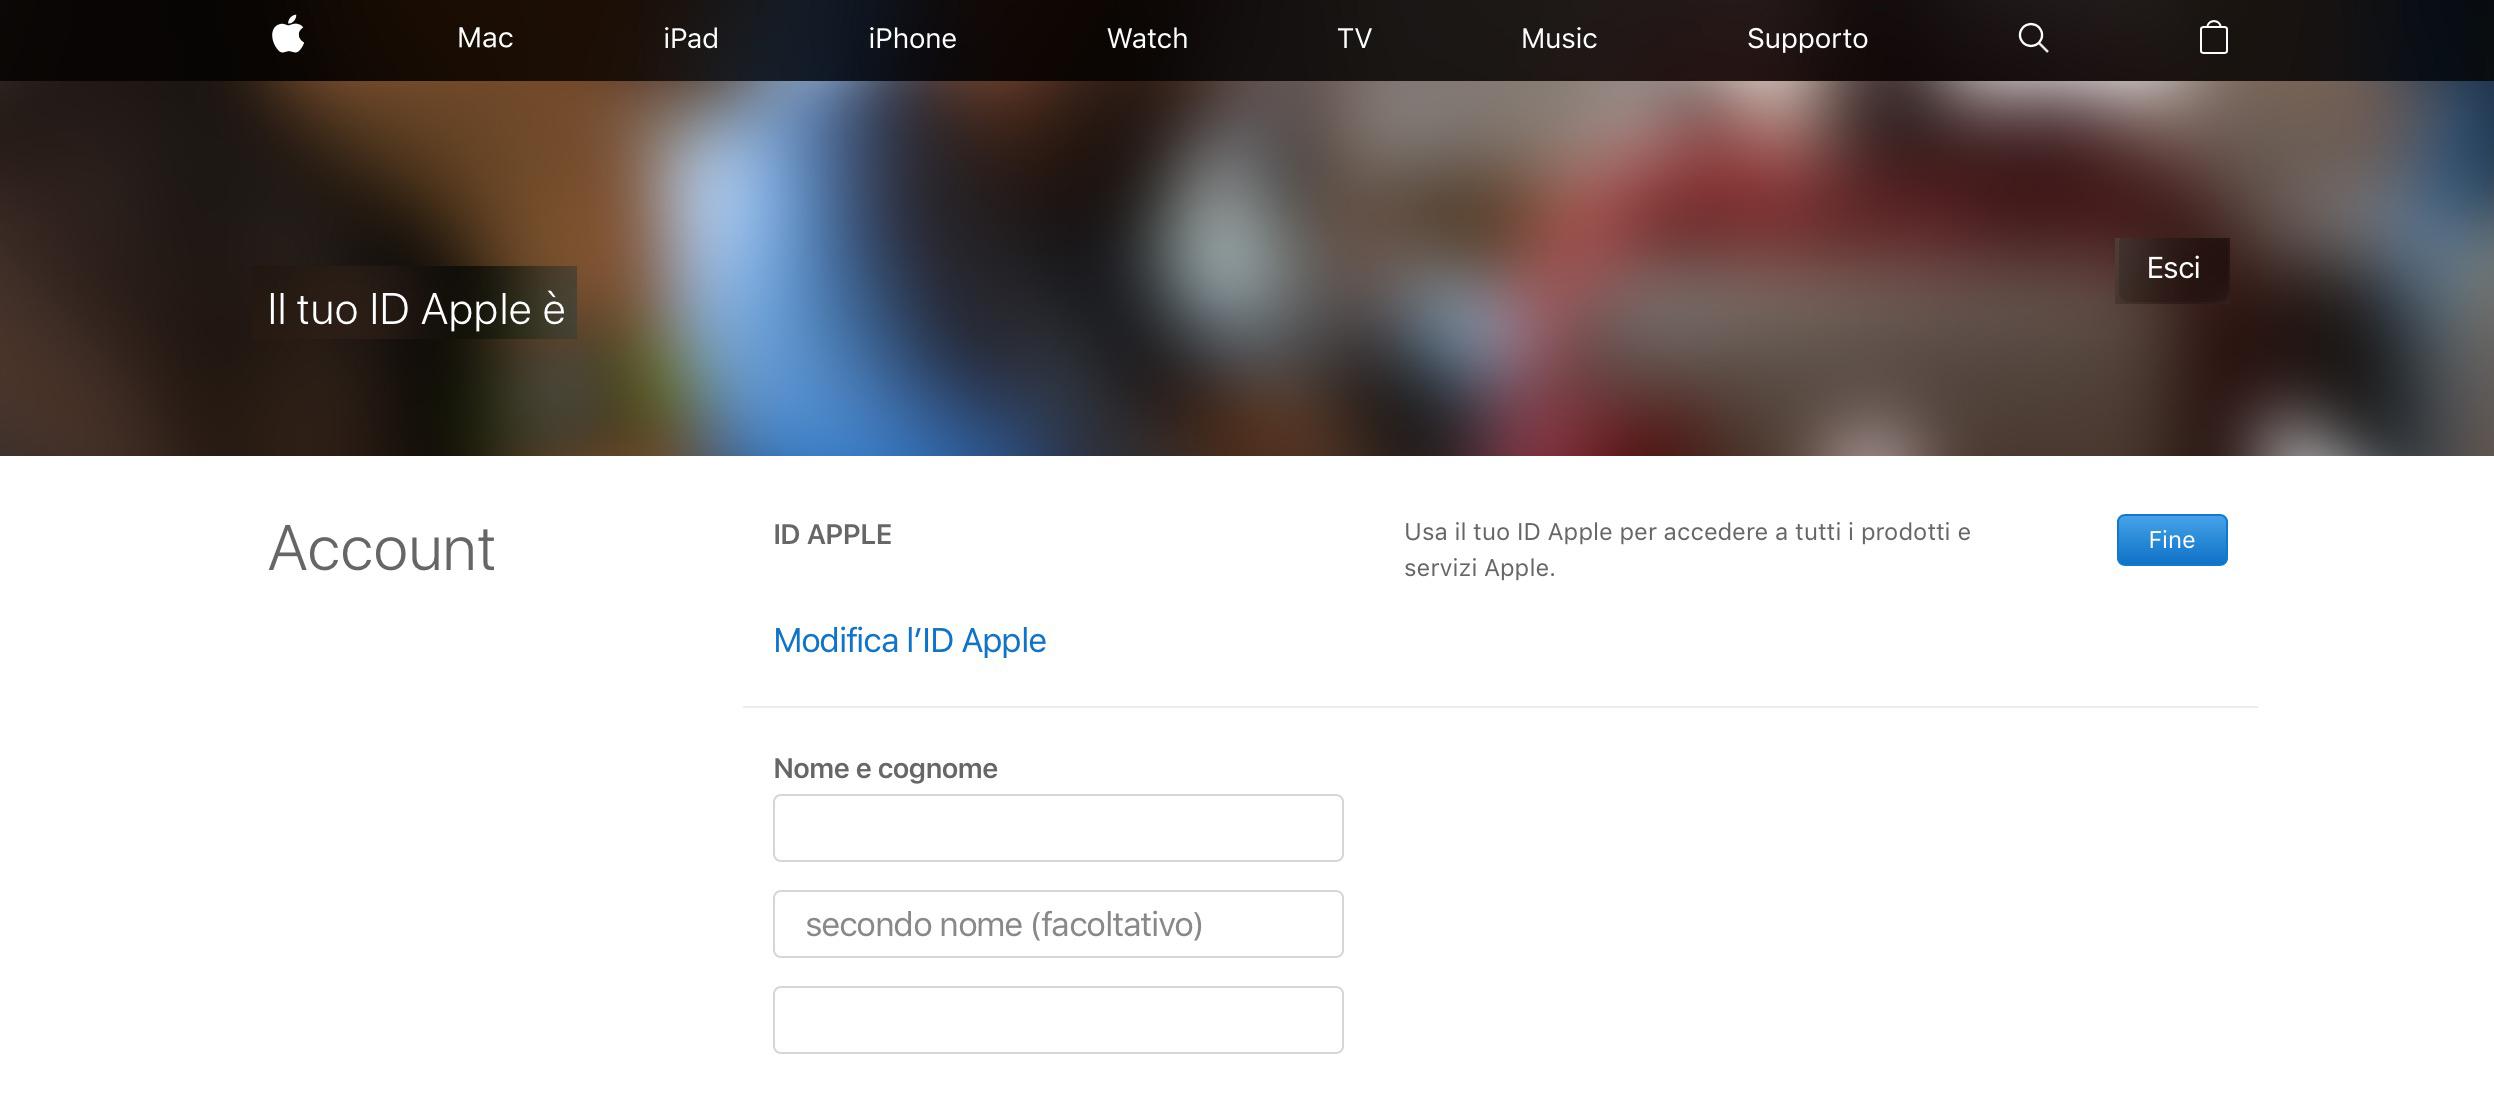 Modifica Apple ID account